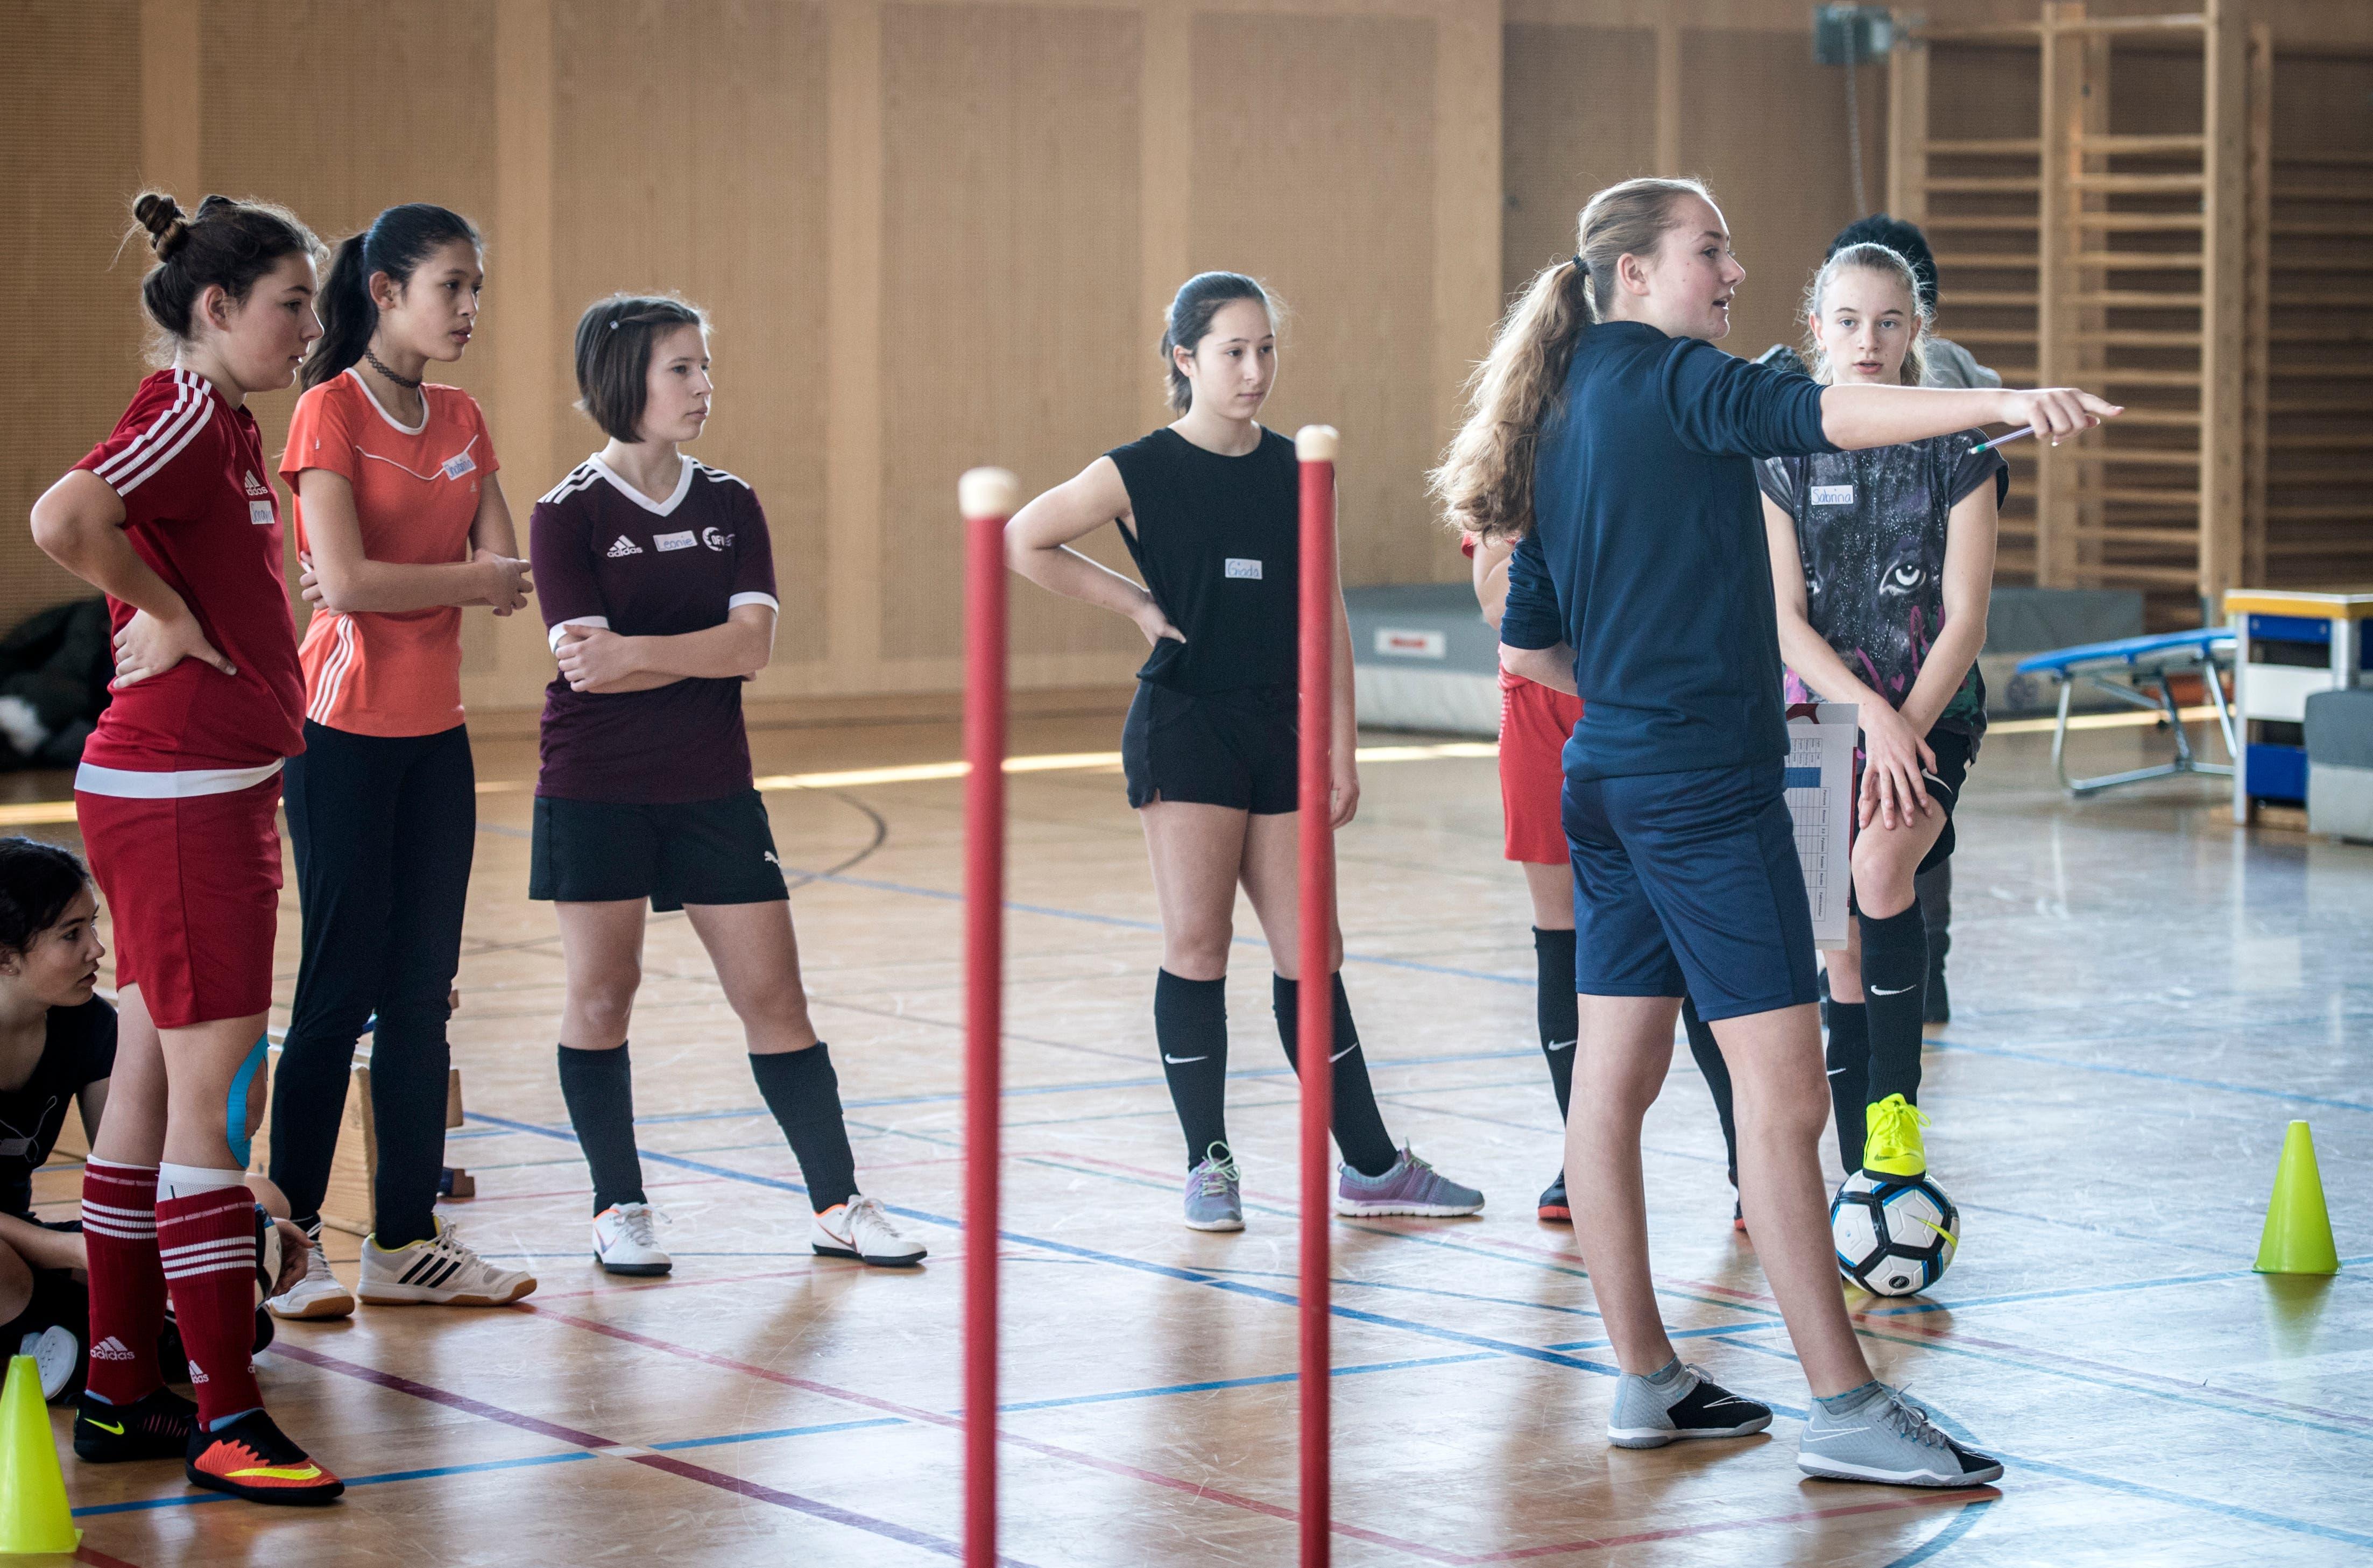 Die FCZ-Spielerin erklärt den Mädchen den Parcours. (Bild: Reto Martin)